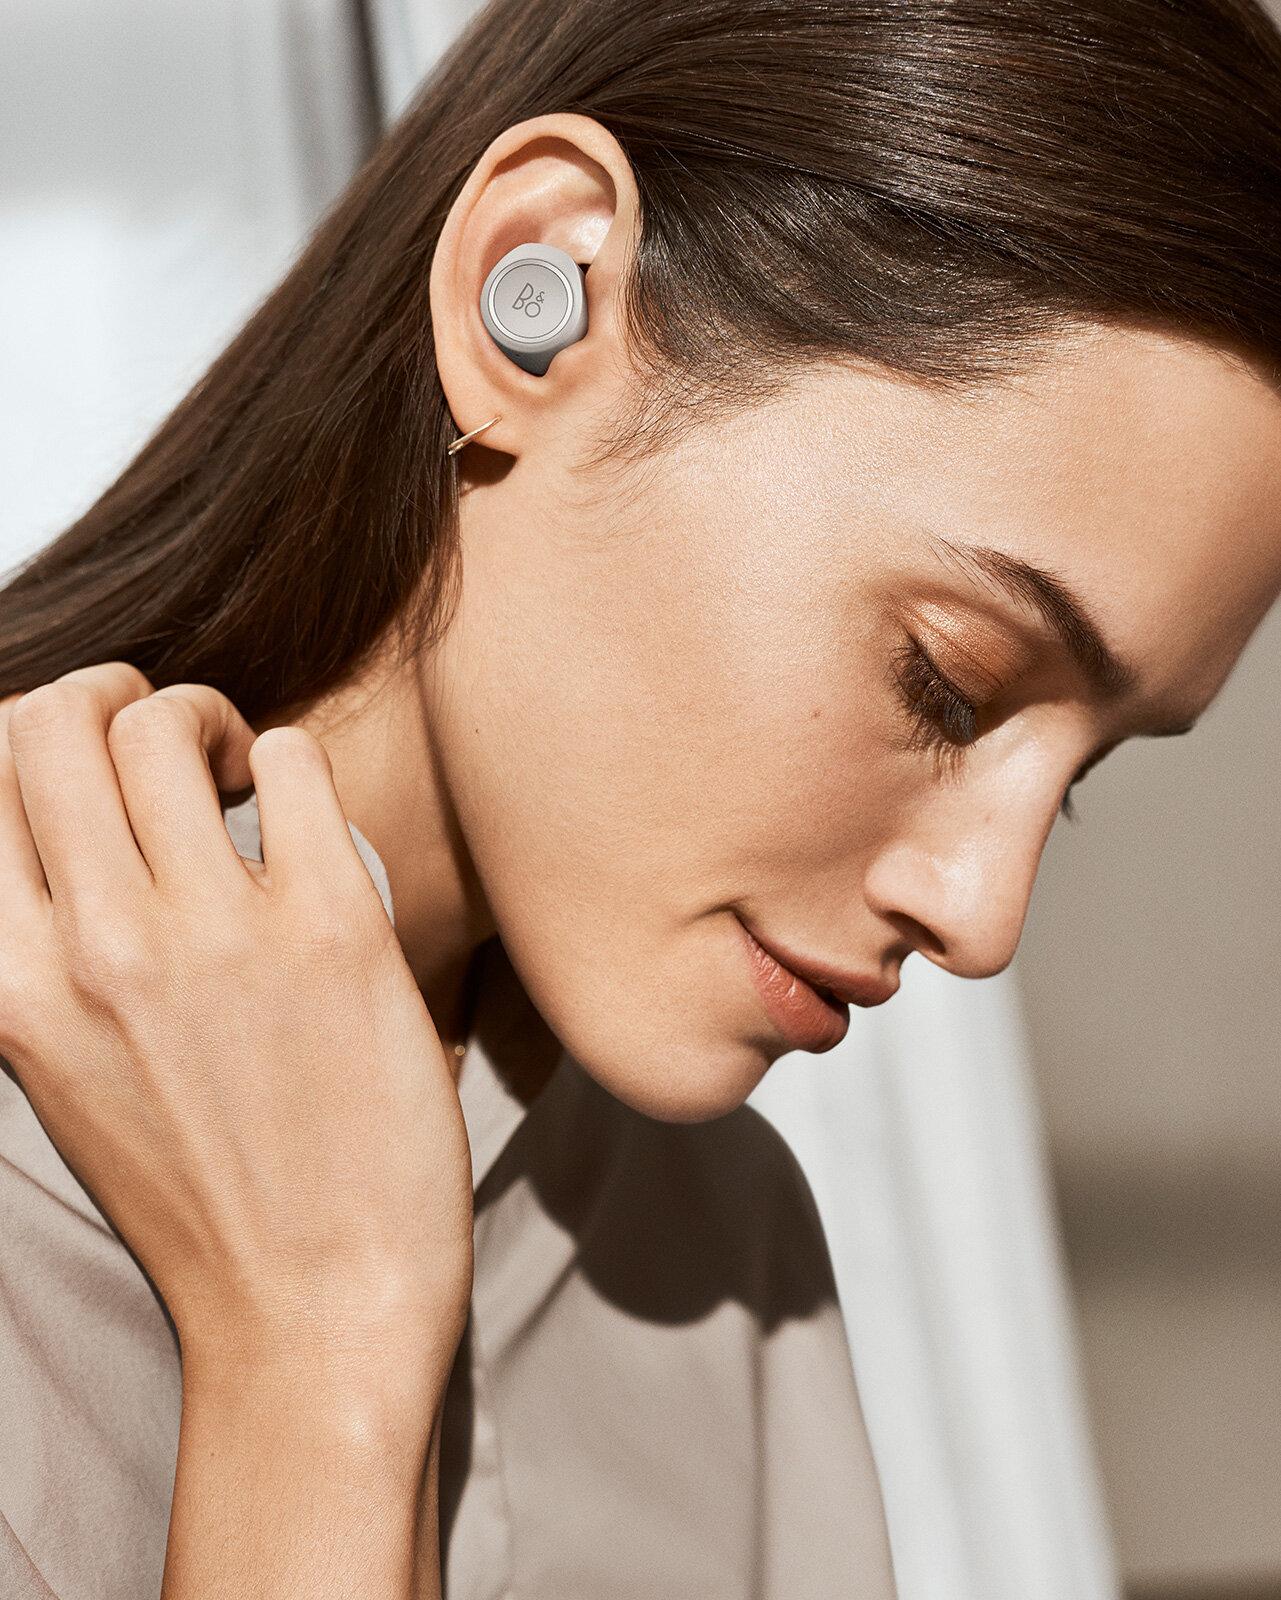 Tai nghe True Wireless vô cùng tiện dụng nhưng không thiếu đi sự phong cách